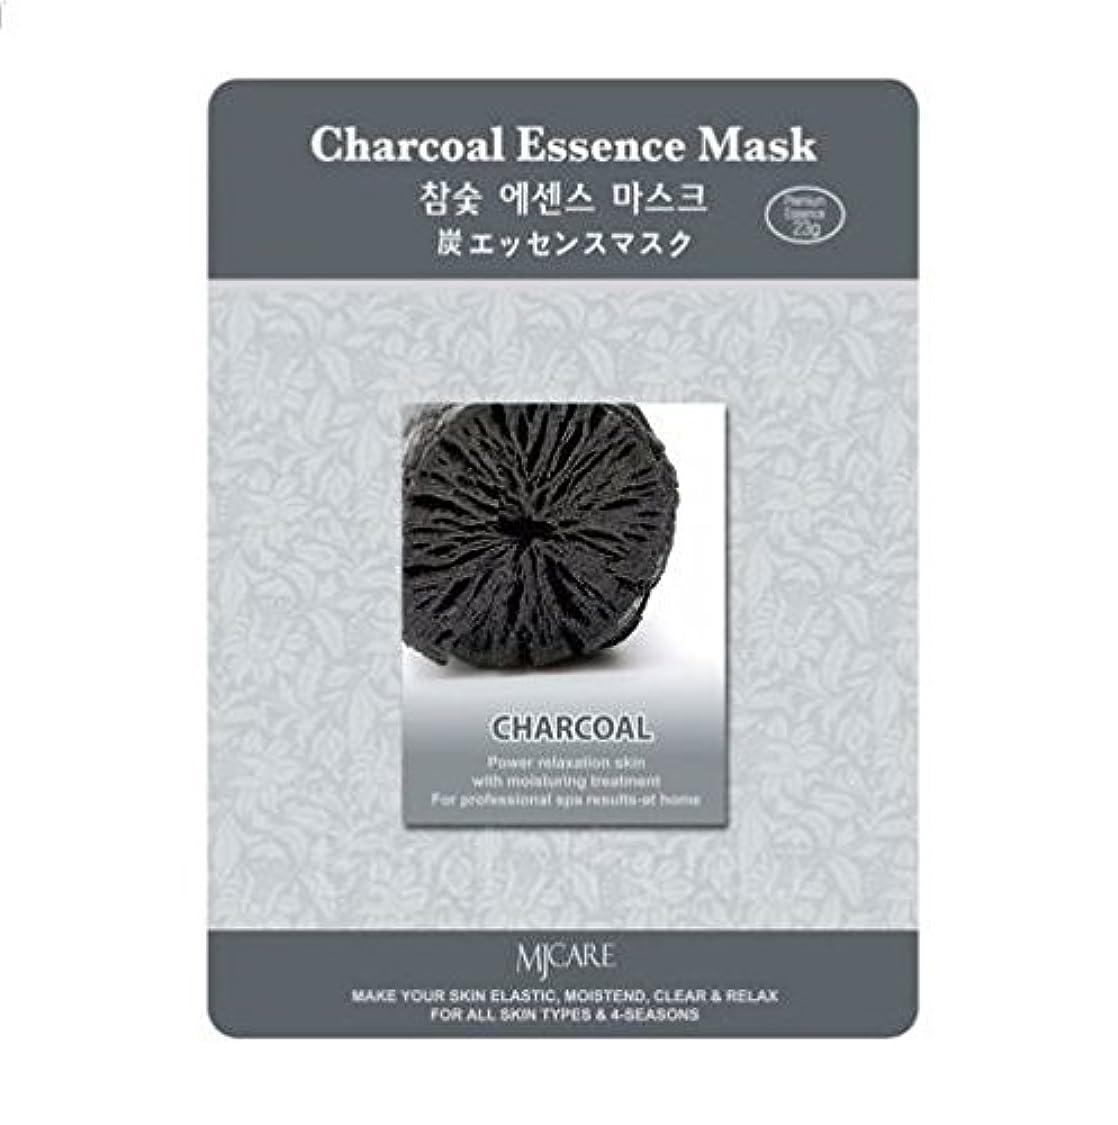 クロールペイント内陸MJCAREエッセインシャルマスク黒炭(フェイスパック)